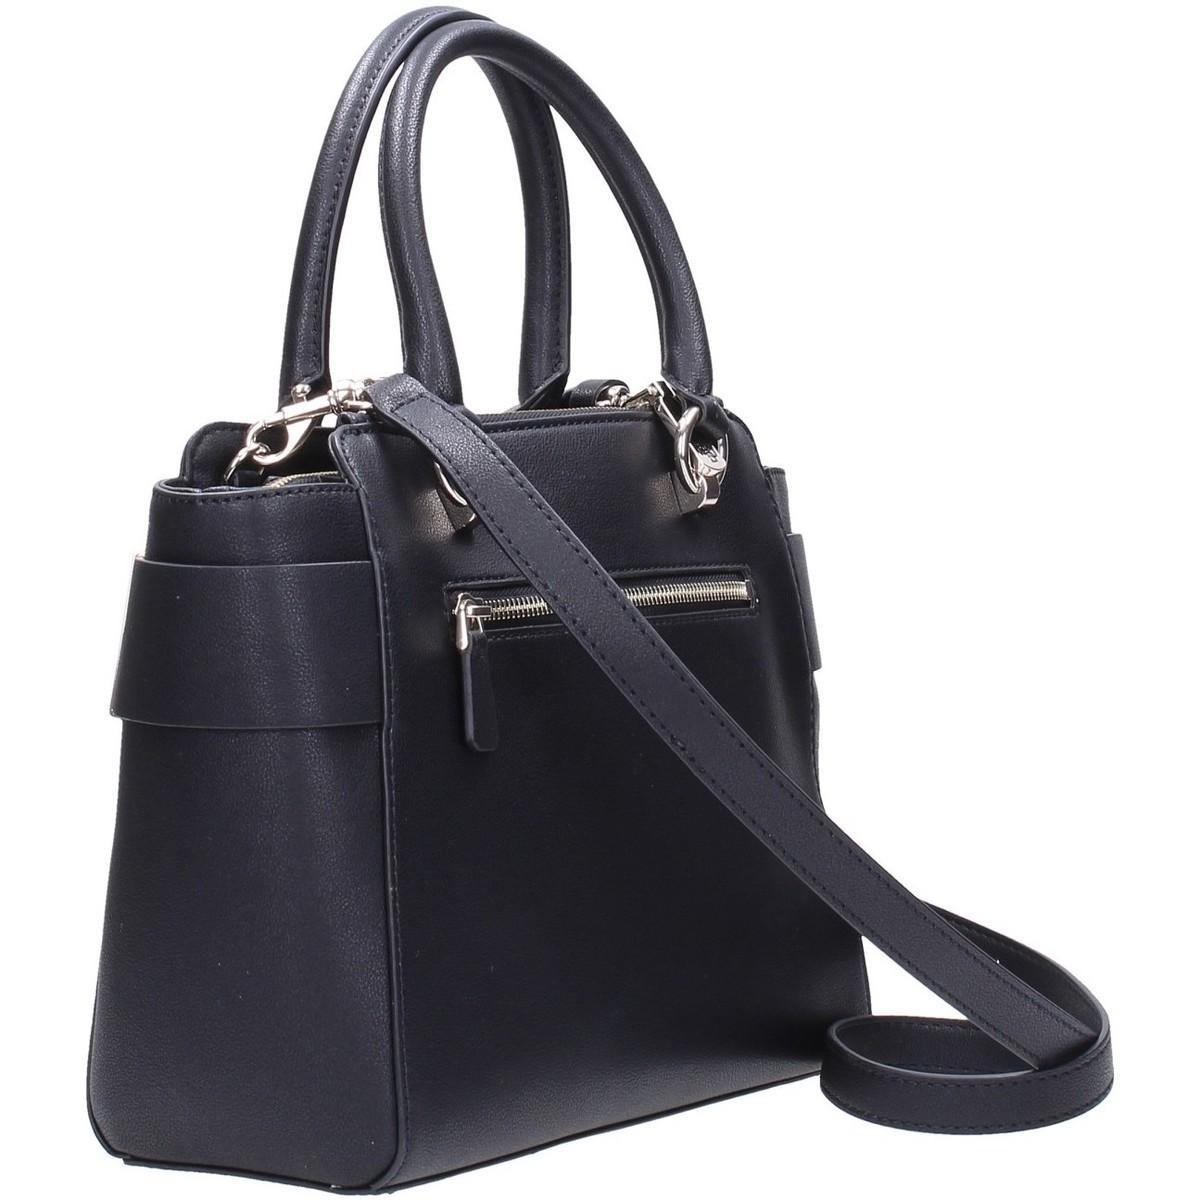 Guess Handtasche - Borse black HWVG7412060 3RaJp